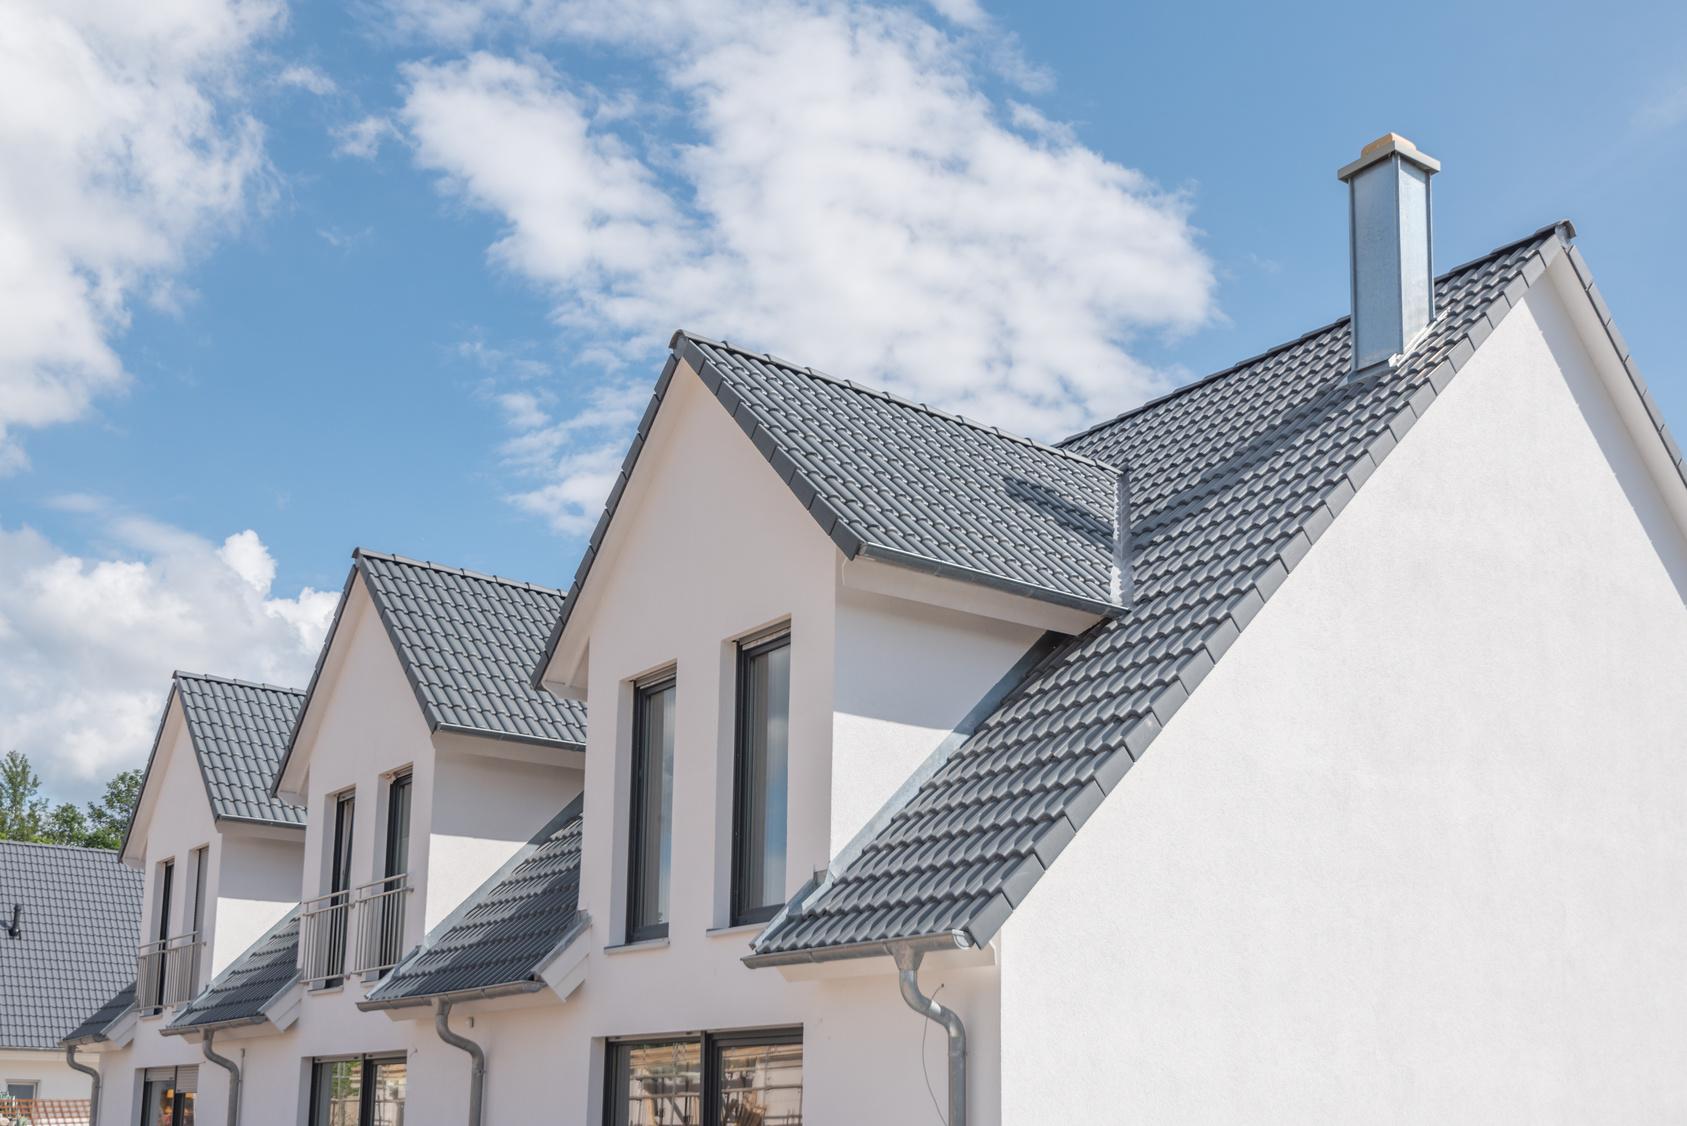 dach-odporny-na-ogien-co-decyduje-o-bezpieczenstwie-przeciwpozarowym-dachu